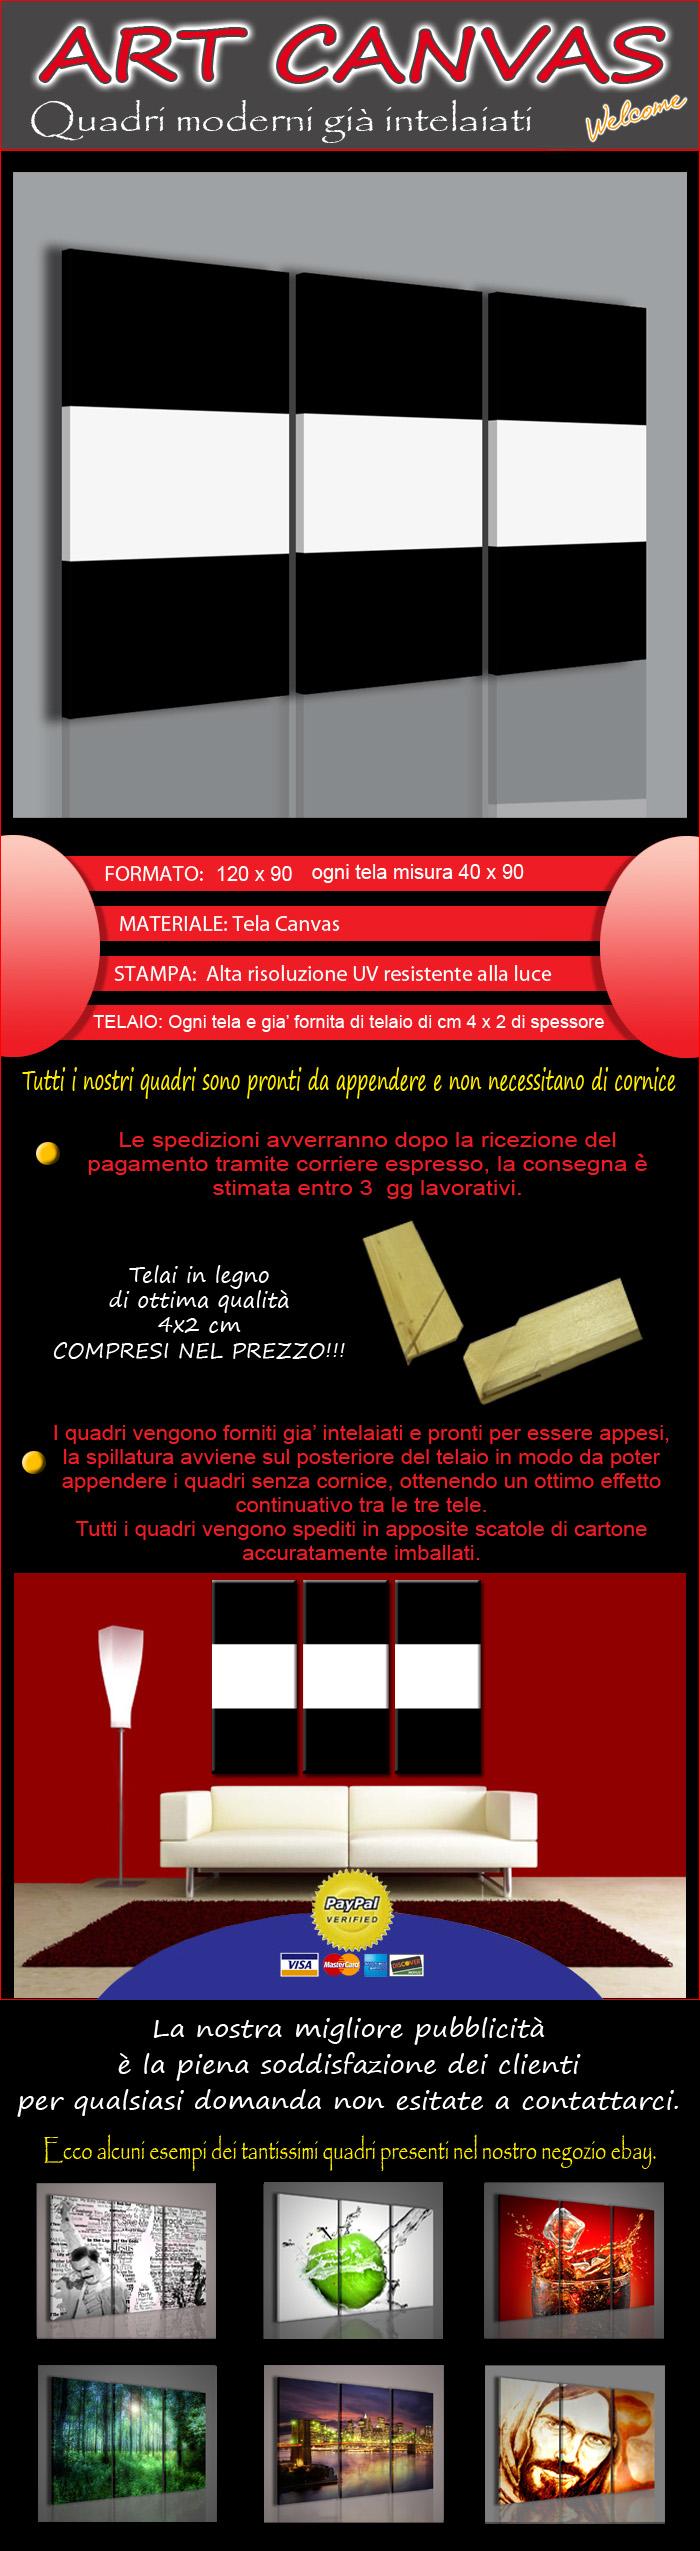 Details zu QUADRI MODERNI JUVENTUS QUADRO MODERNO JUVE ARREDAMENTO CASA  ASSOCIAZIONE CALCIO